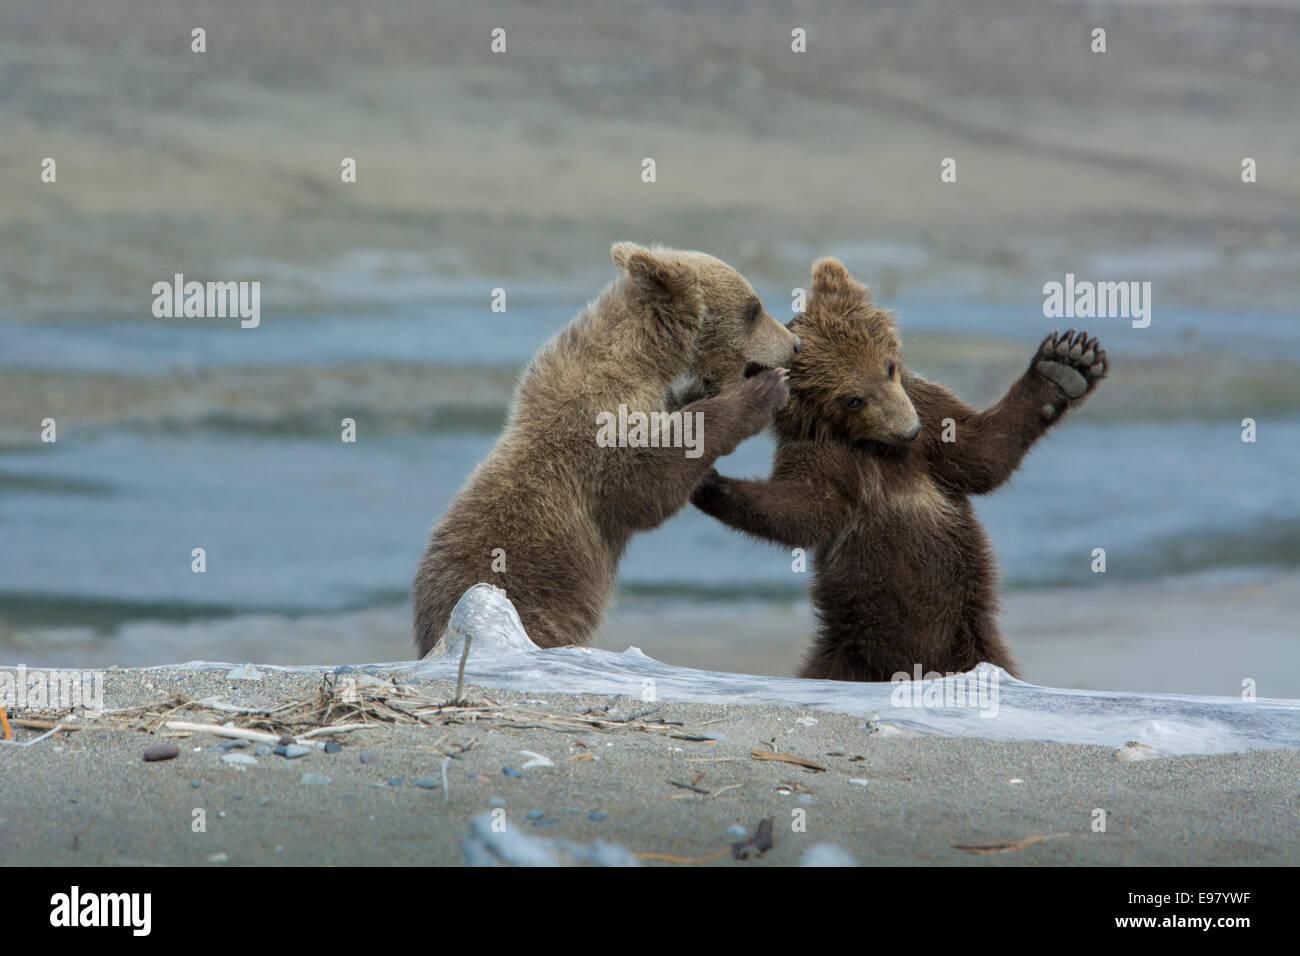 Dos Grizzly Bear Primavera Cubs, Ursus arctos, jugando con la apariencia de susurrando un secreto, Cook Inlet, Alaska, Imagen De Stock